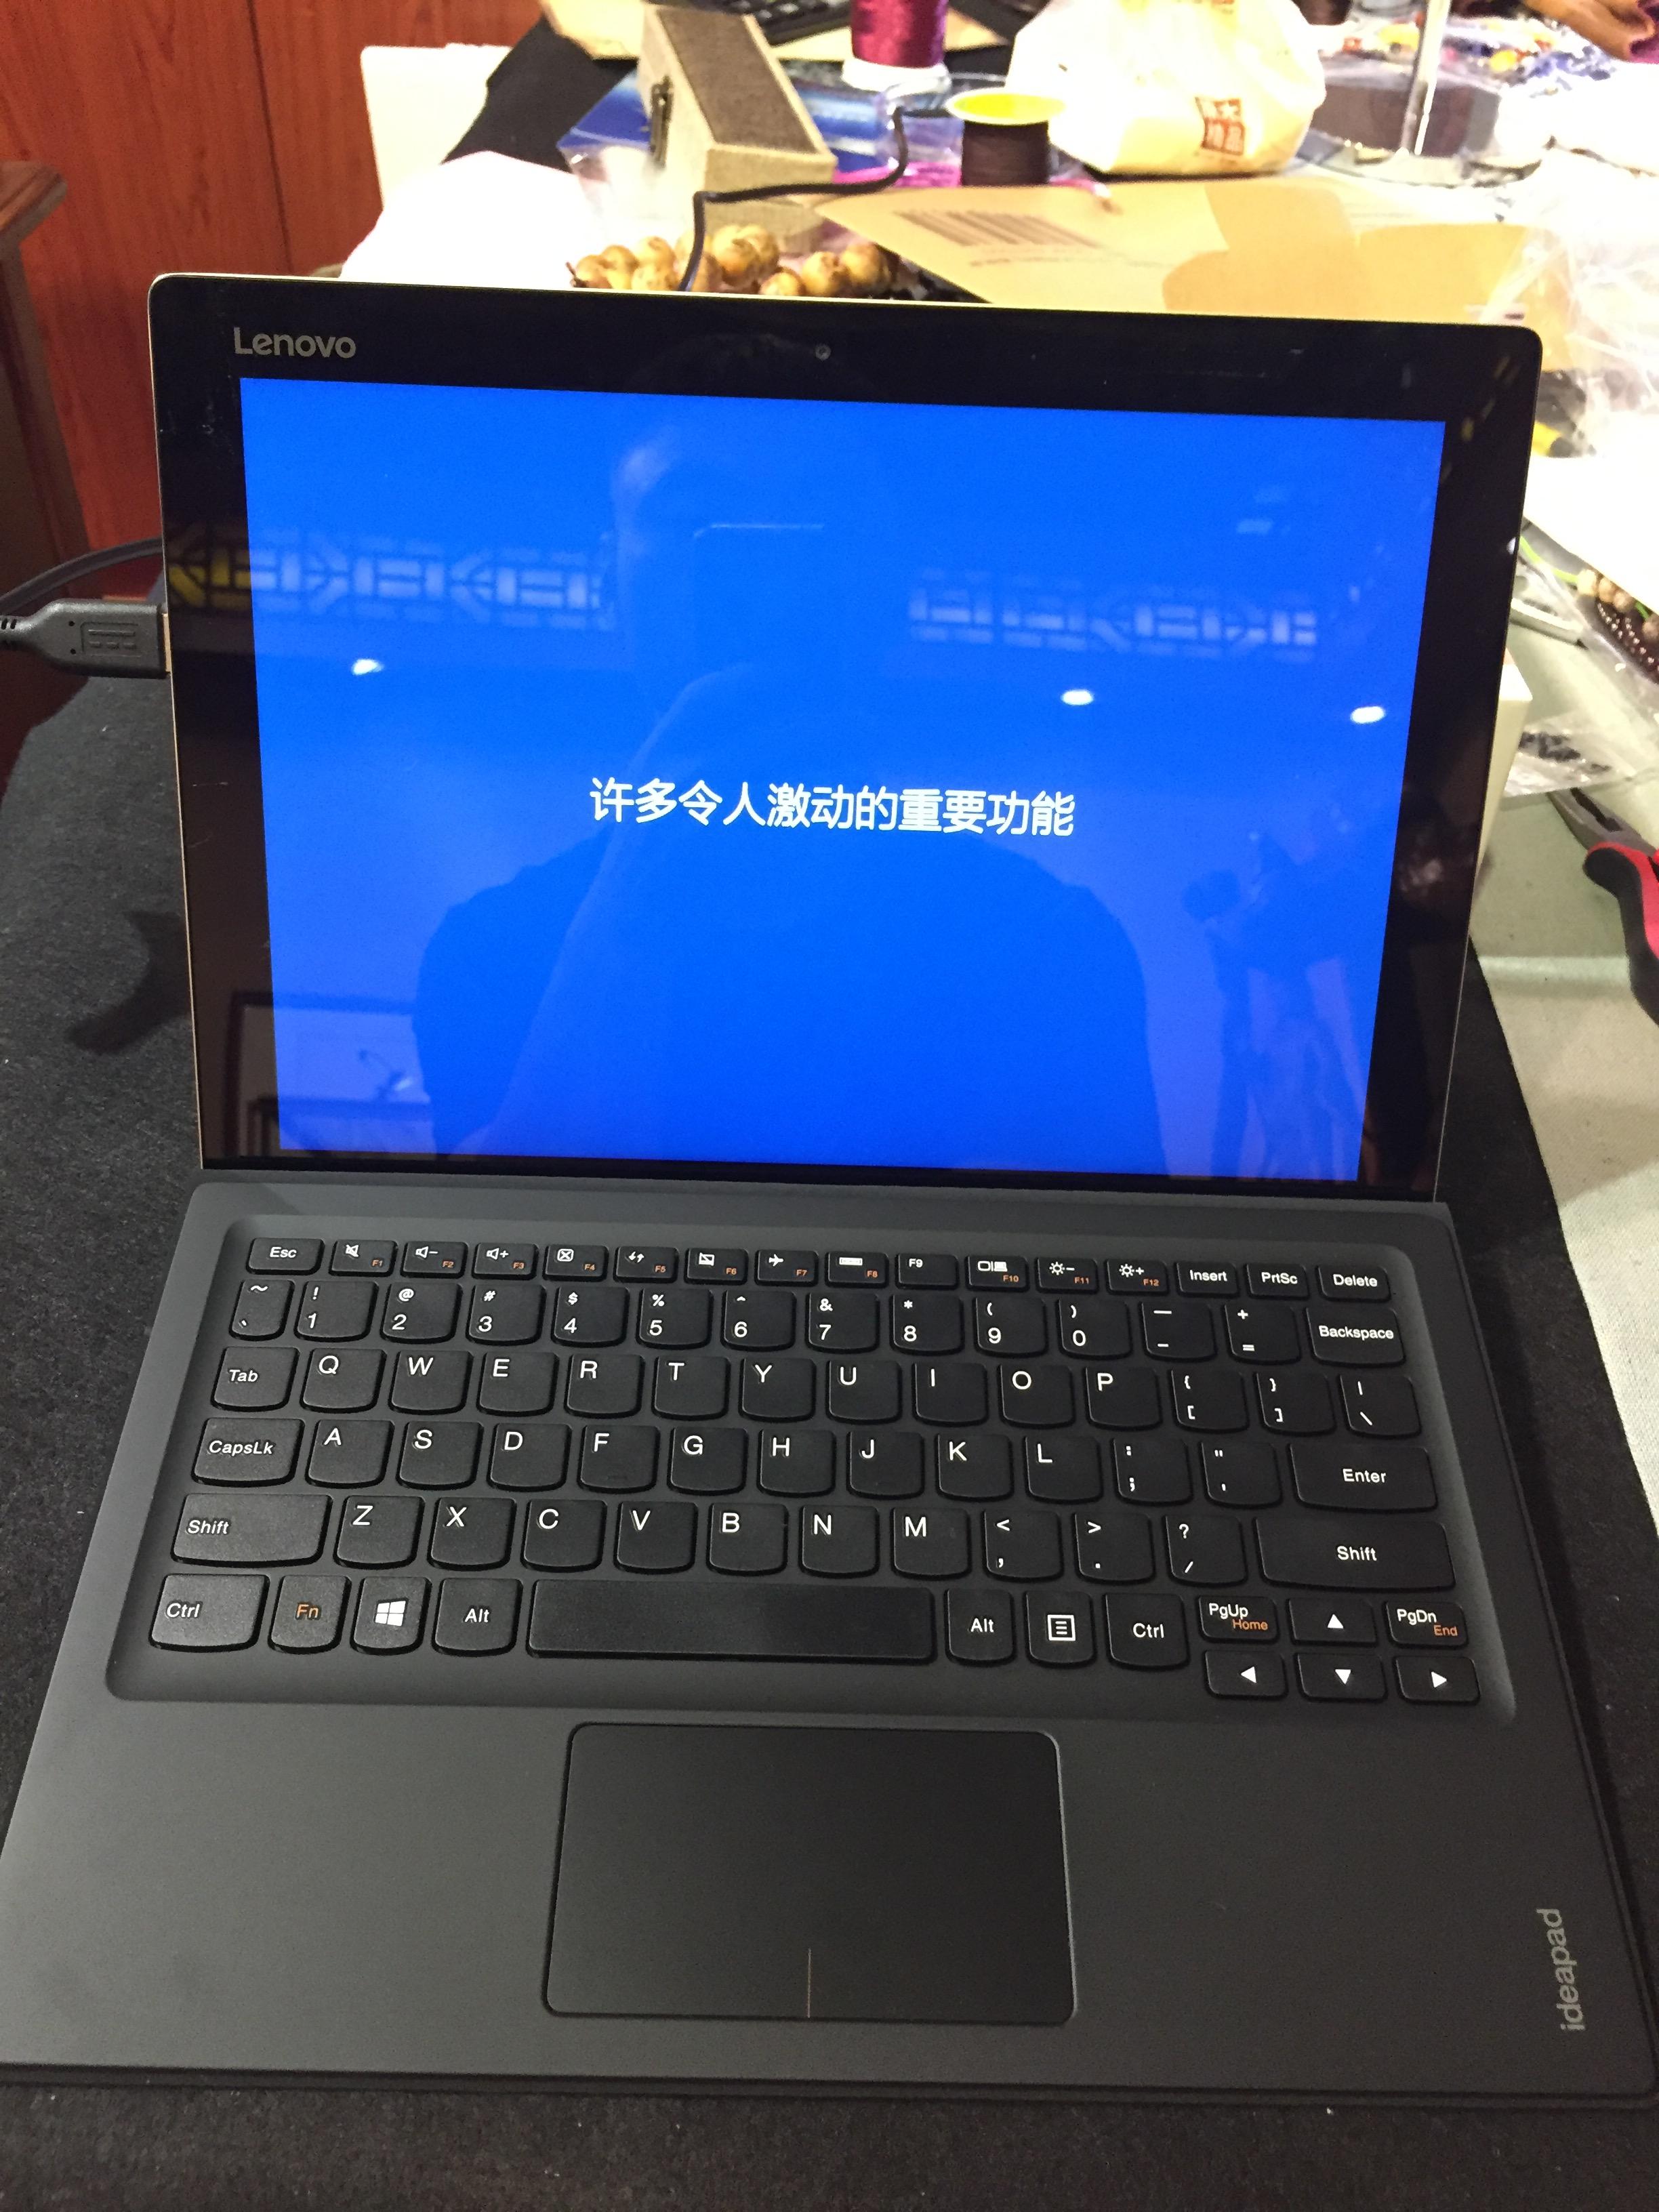 笔记本 笔记本电脑 2448_3264 竖版 竖屏